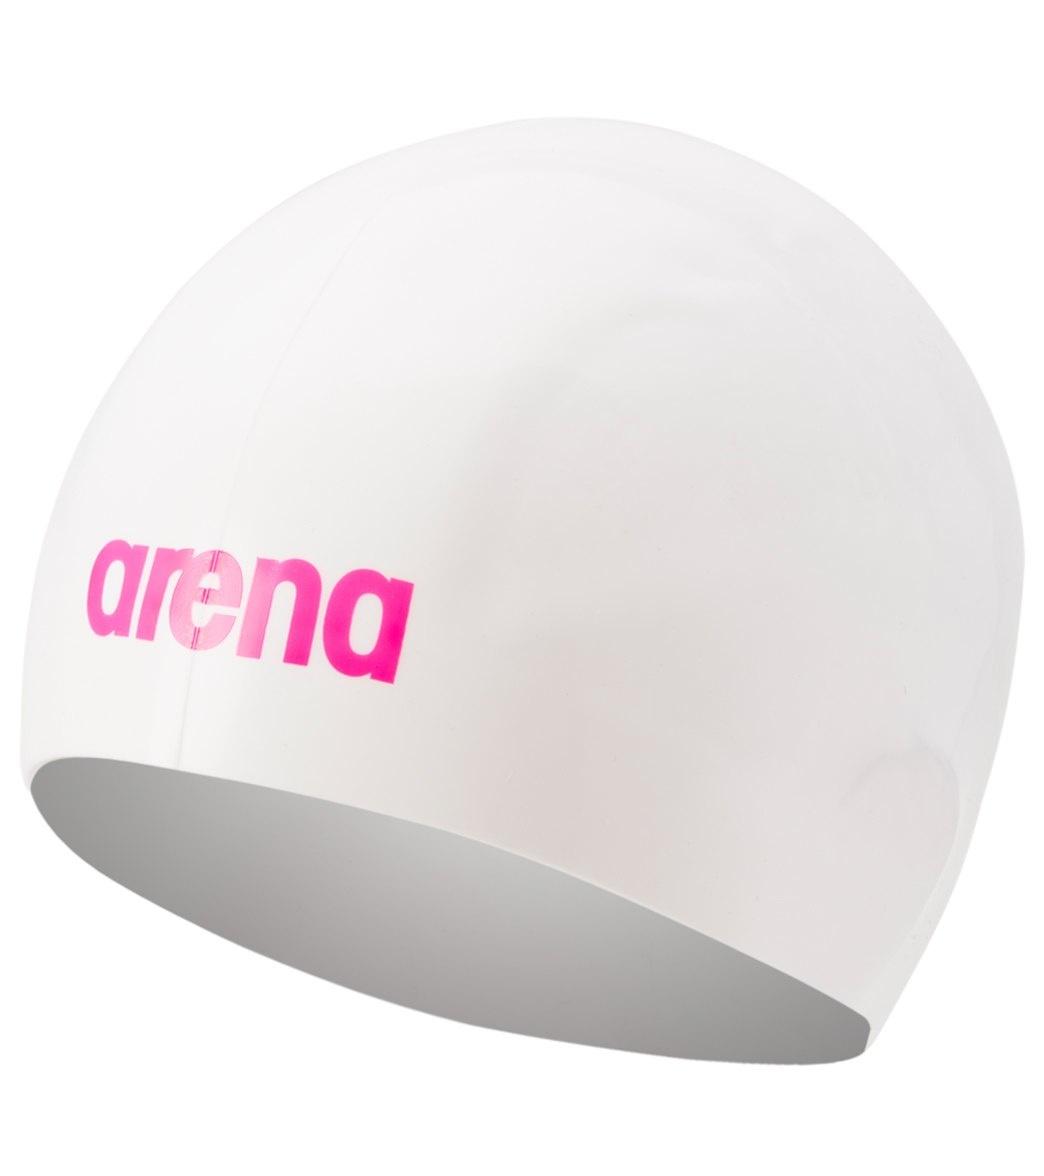 Arena 3D Ultra Race Cap